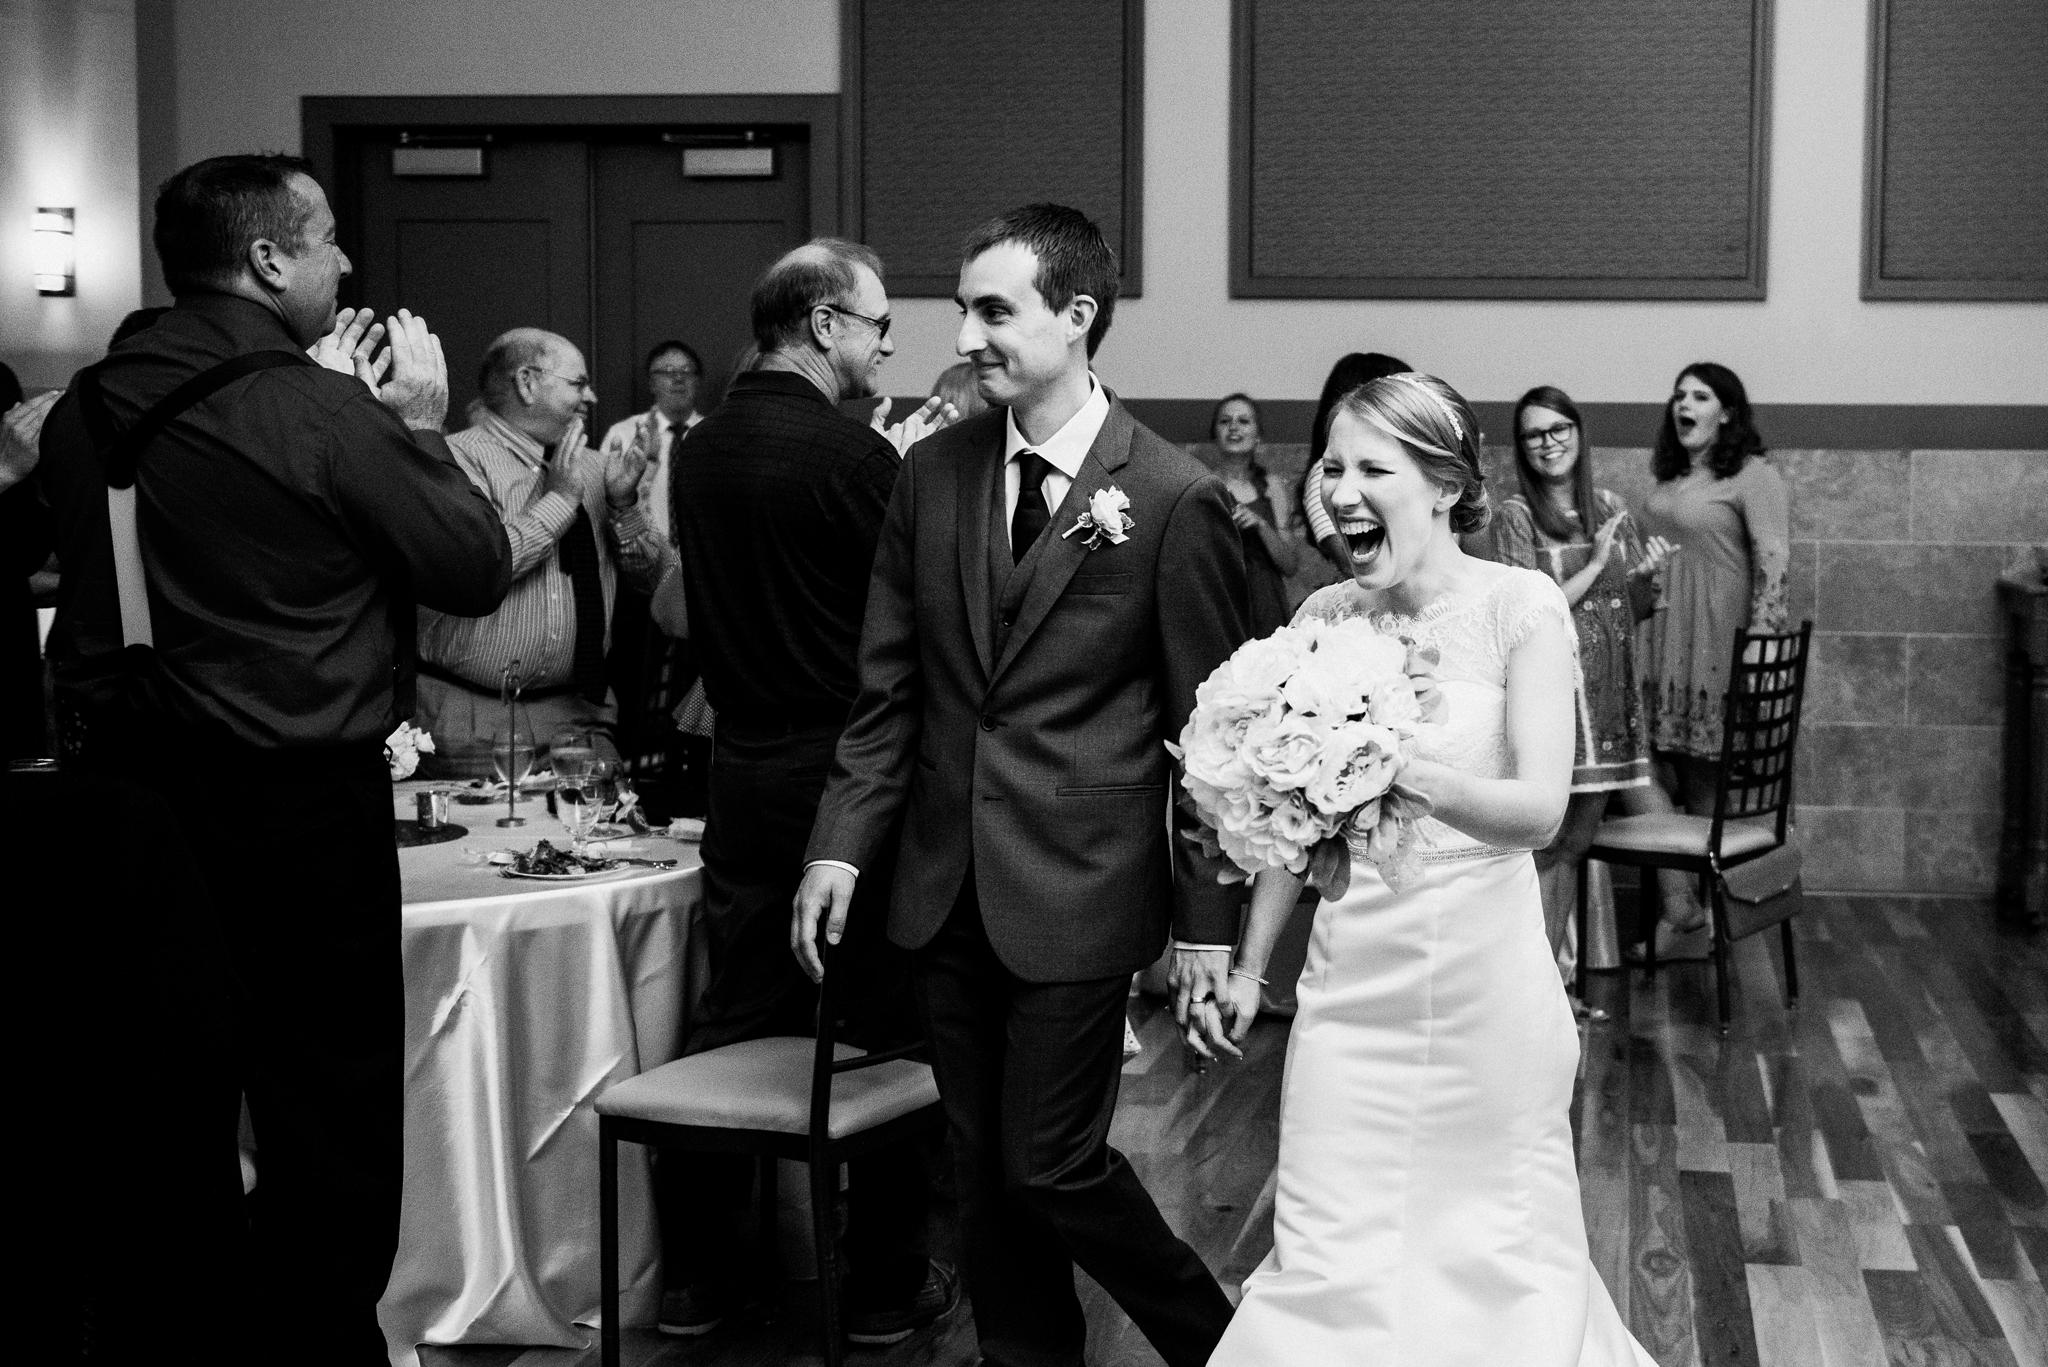 noahs_event_venue_naperville_IL_wedding_photographer_0057.jpg